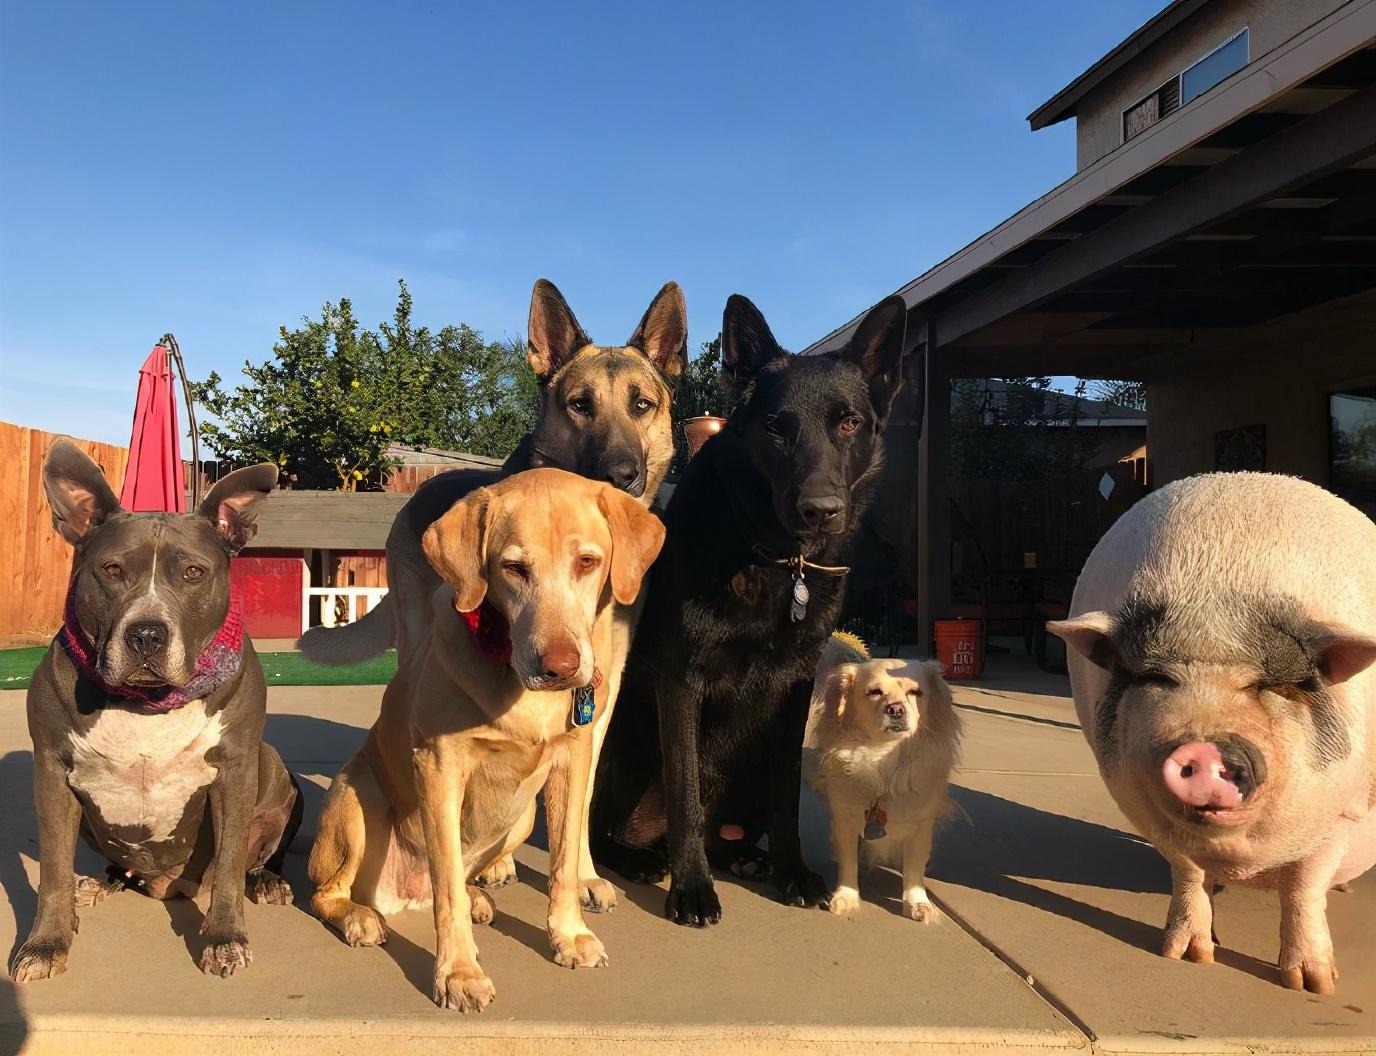 狗狗能不能吃猪肉?为什么狗粮中看不到猪肉的成分?